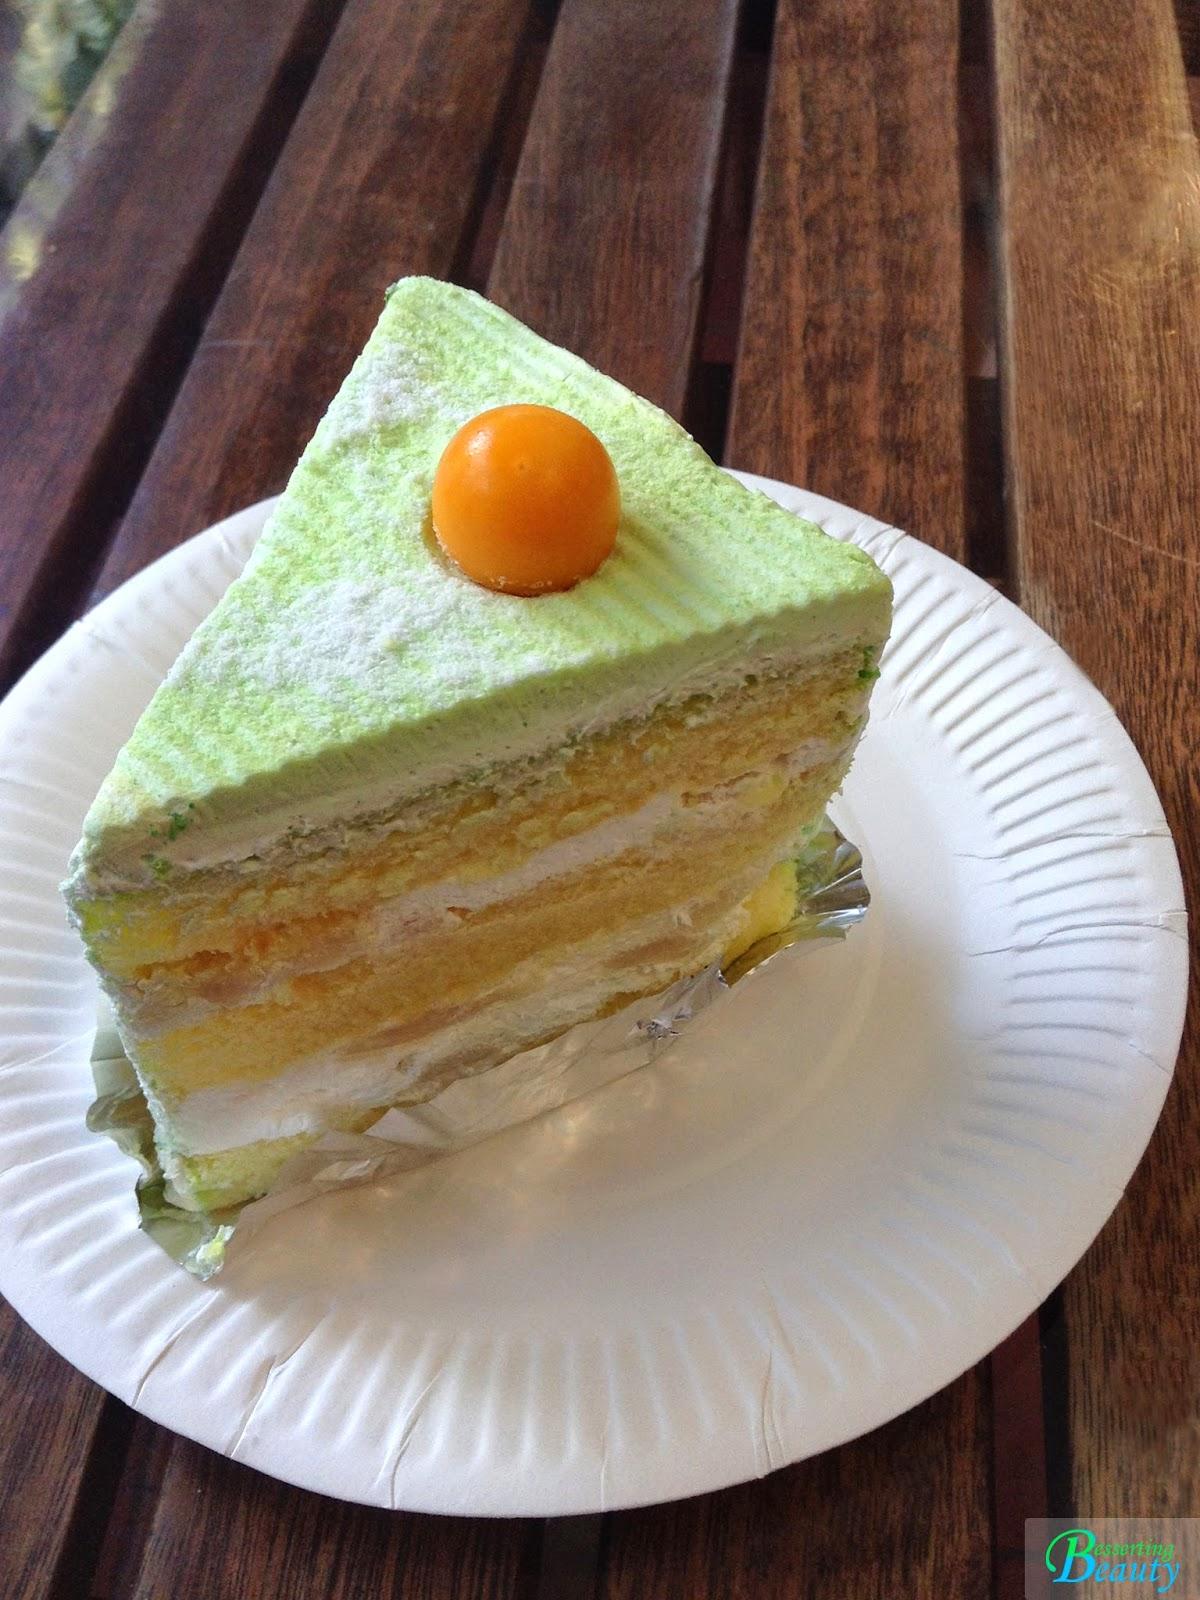 Pine Garden Cakes (Round 2)